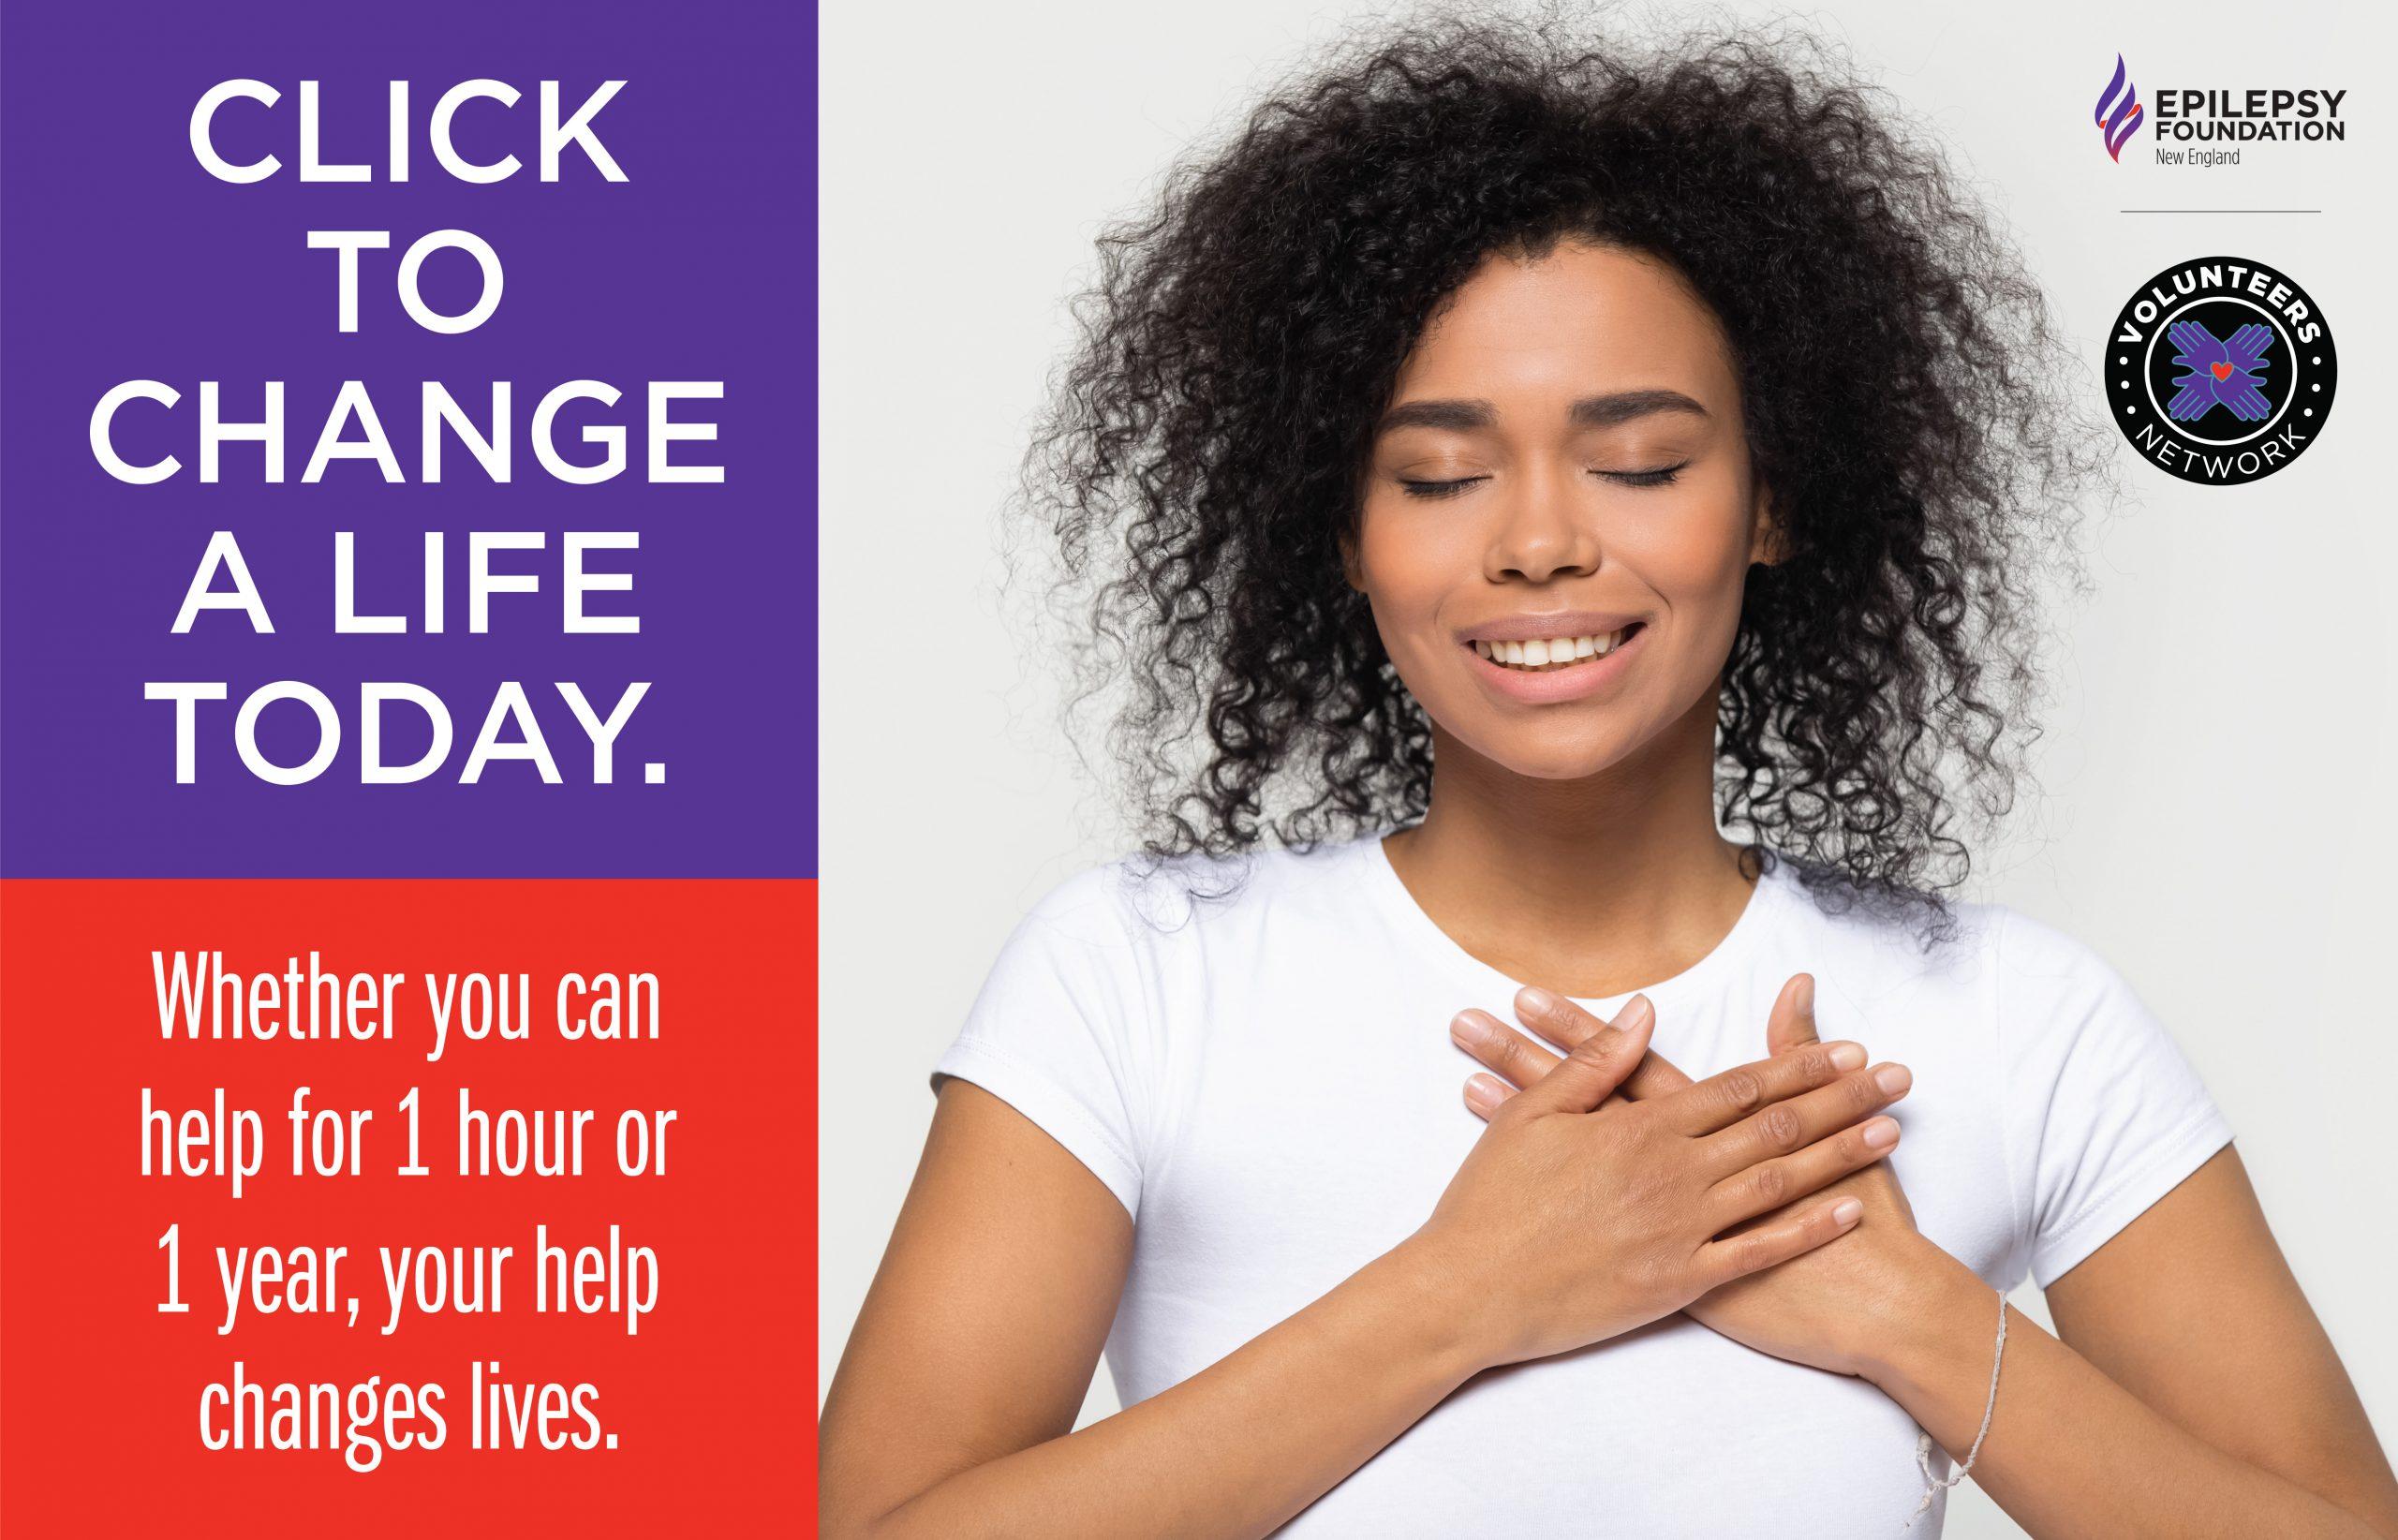 epilepsy foundation ad designs